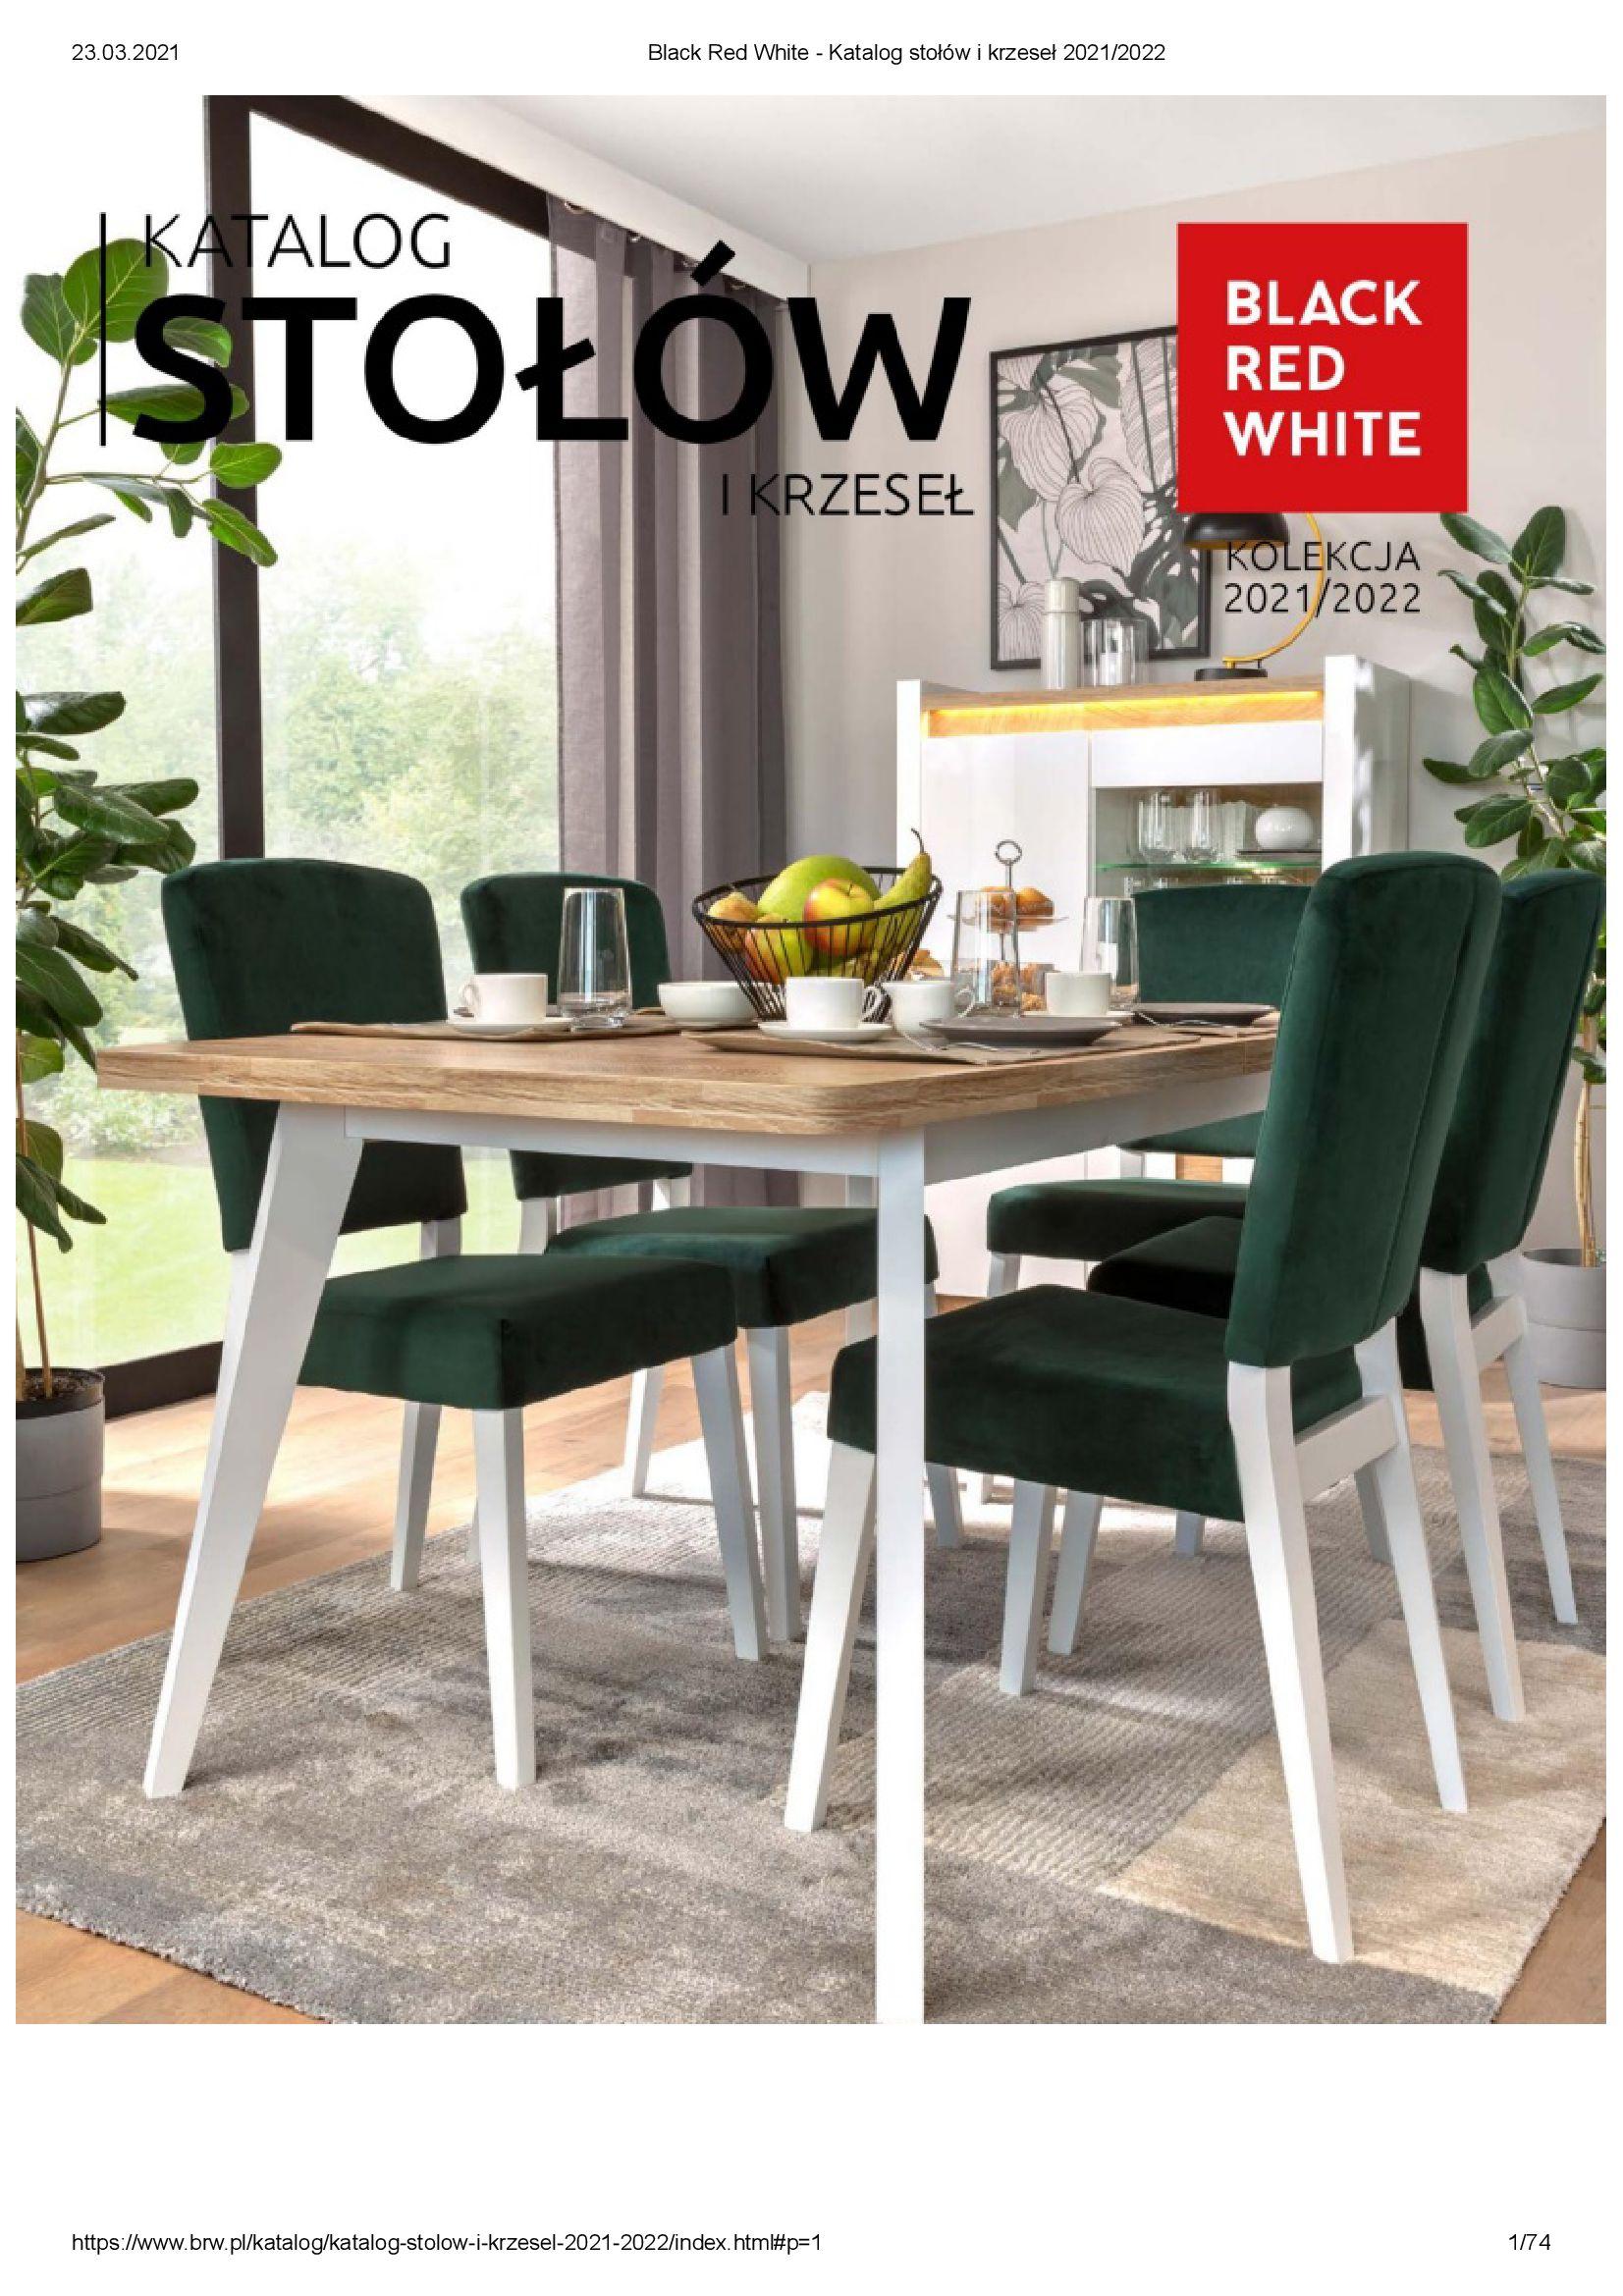 Black Red White:  Katalog stołów i krzeseł 22.03.2021